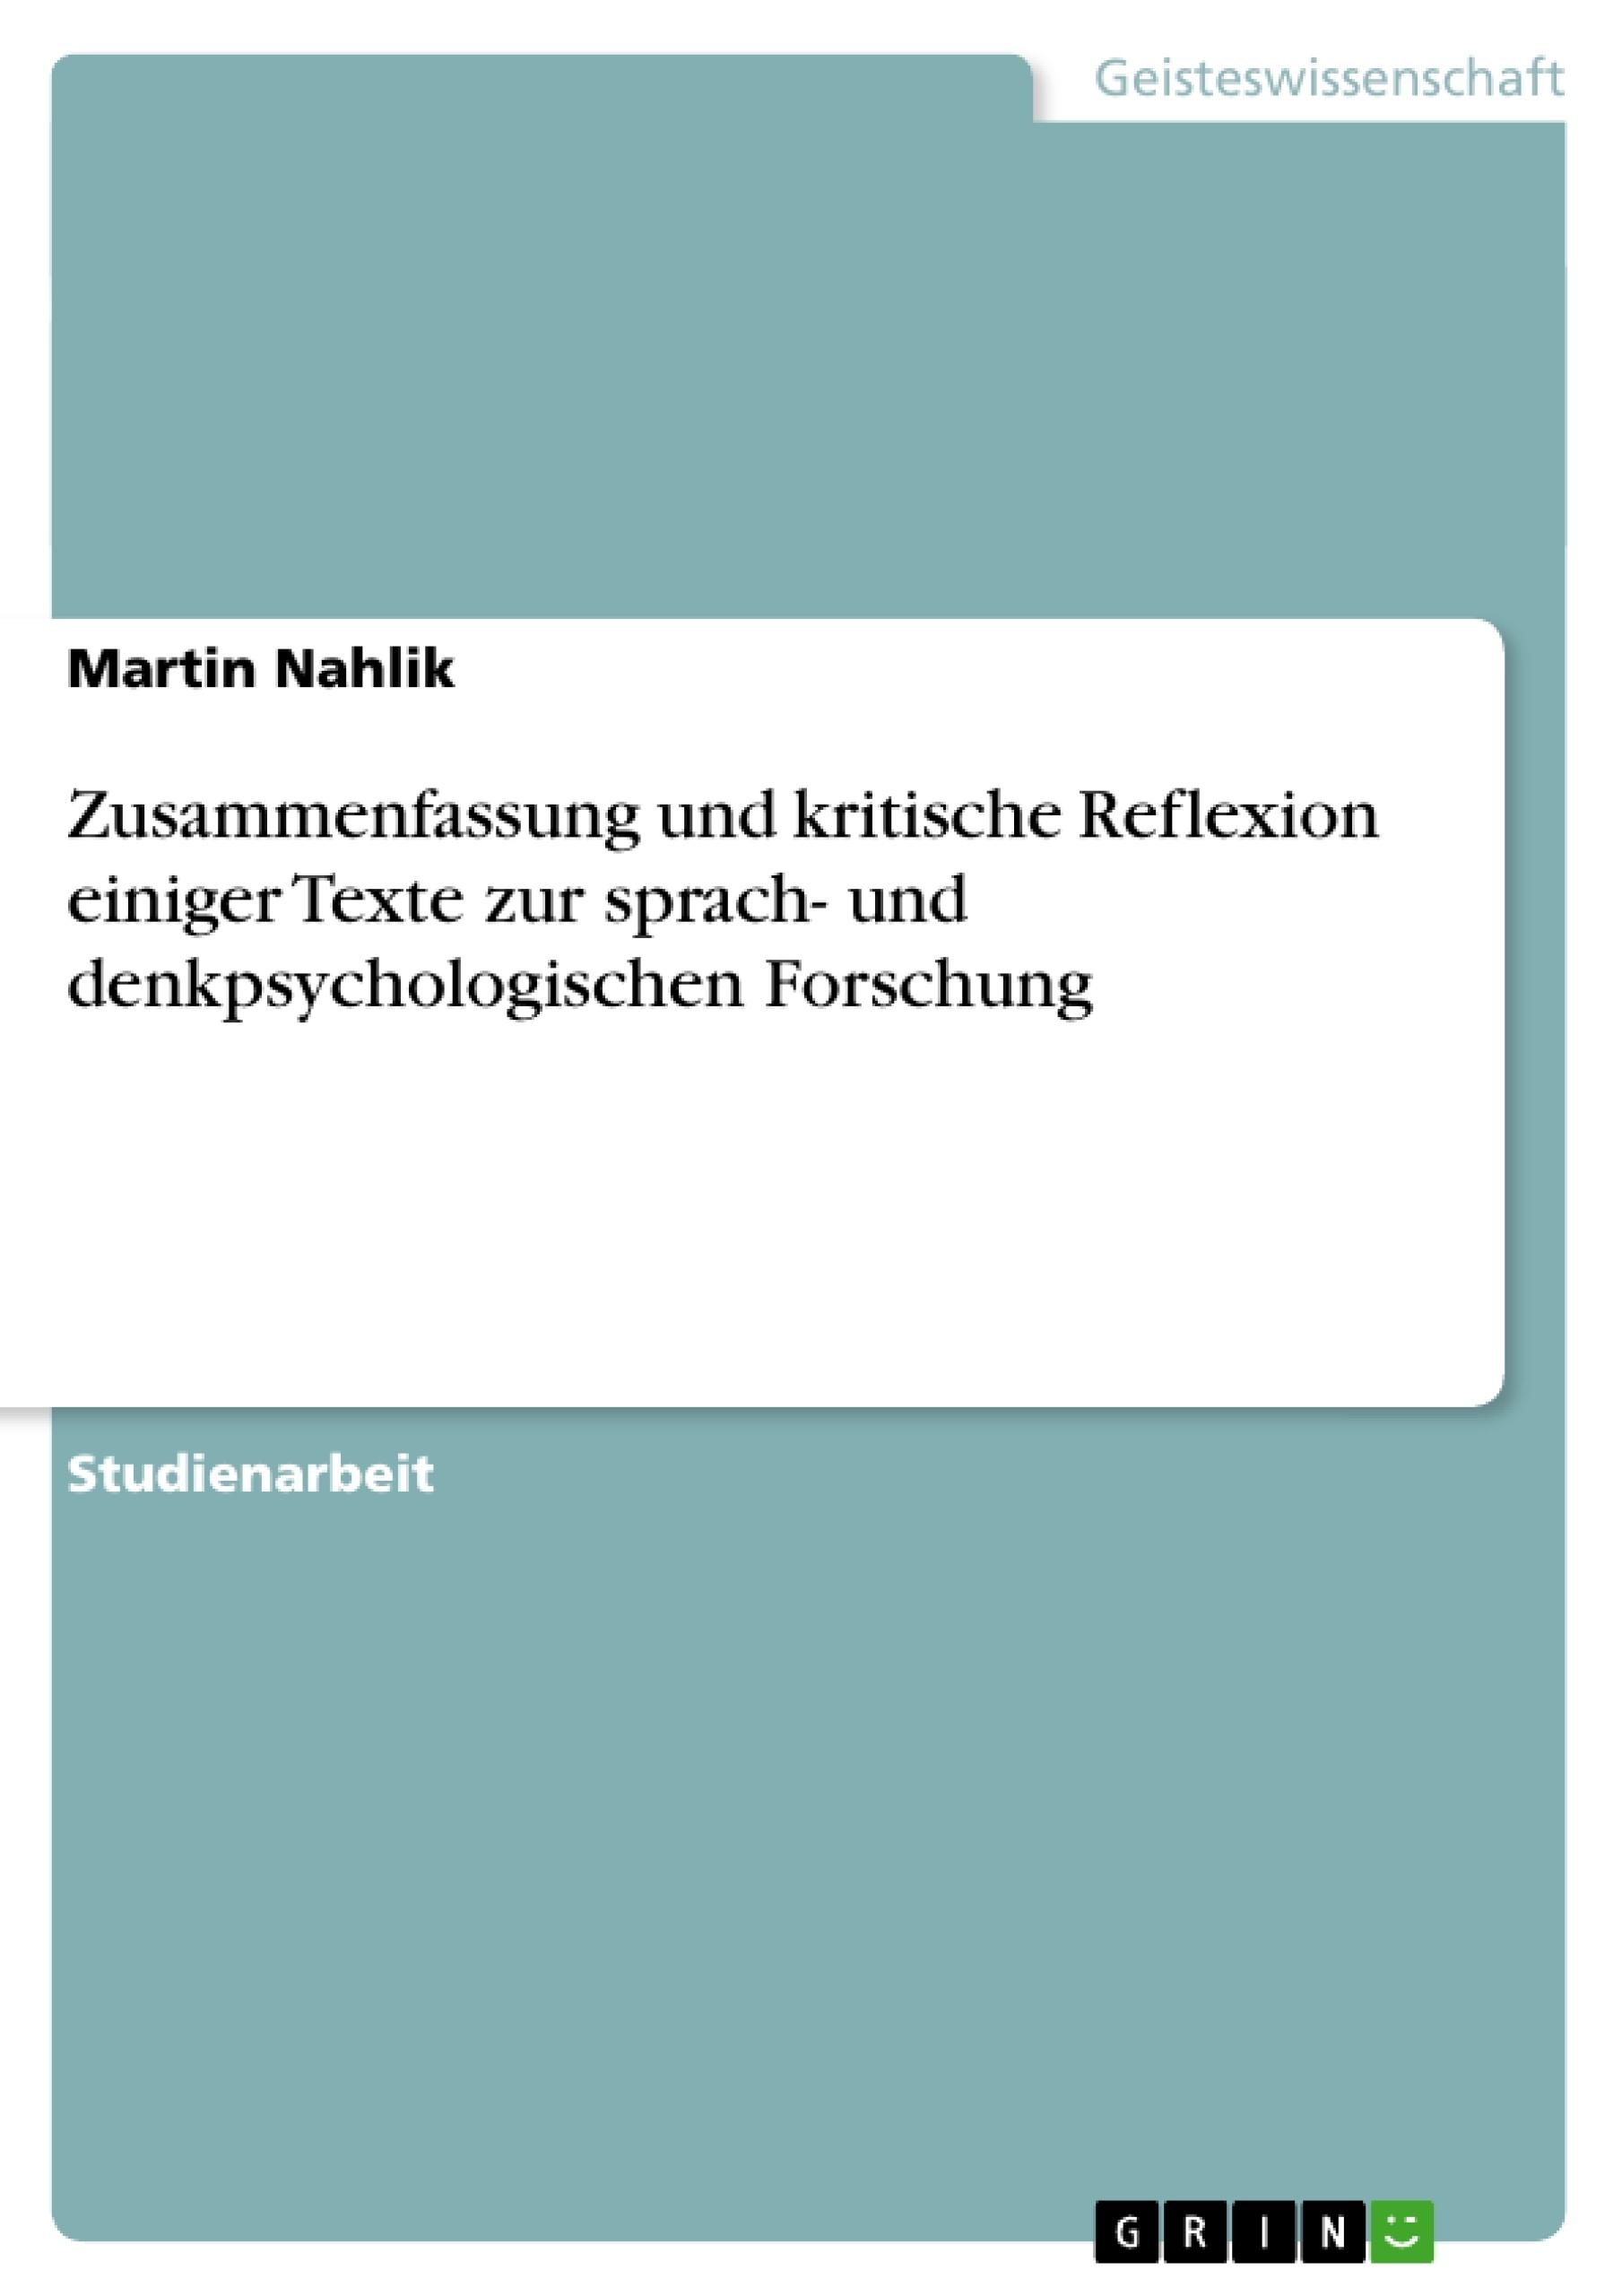 Titel: Zusammenfassung und kritische Reflexion einiger Texte zur sprach- und denkpsychologischen Forschung